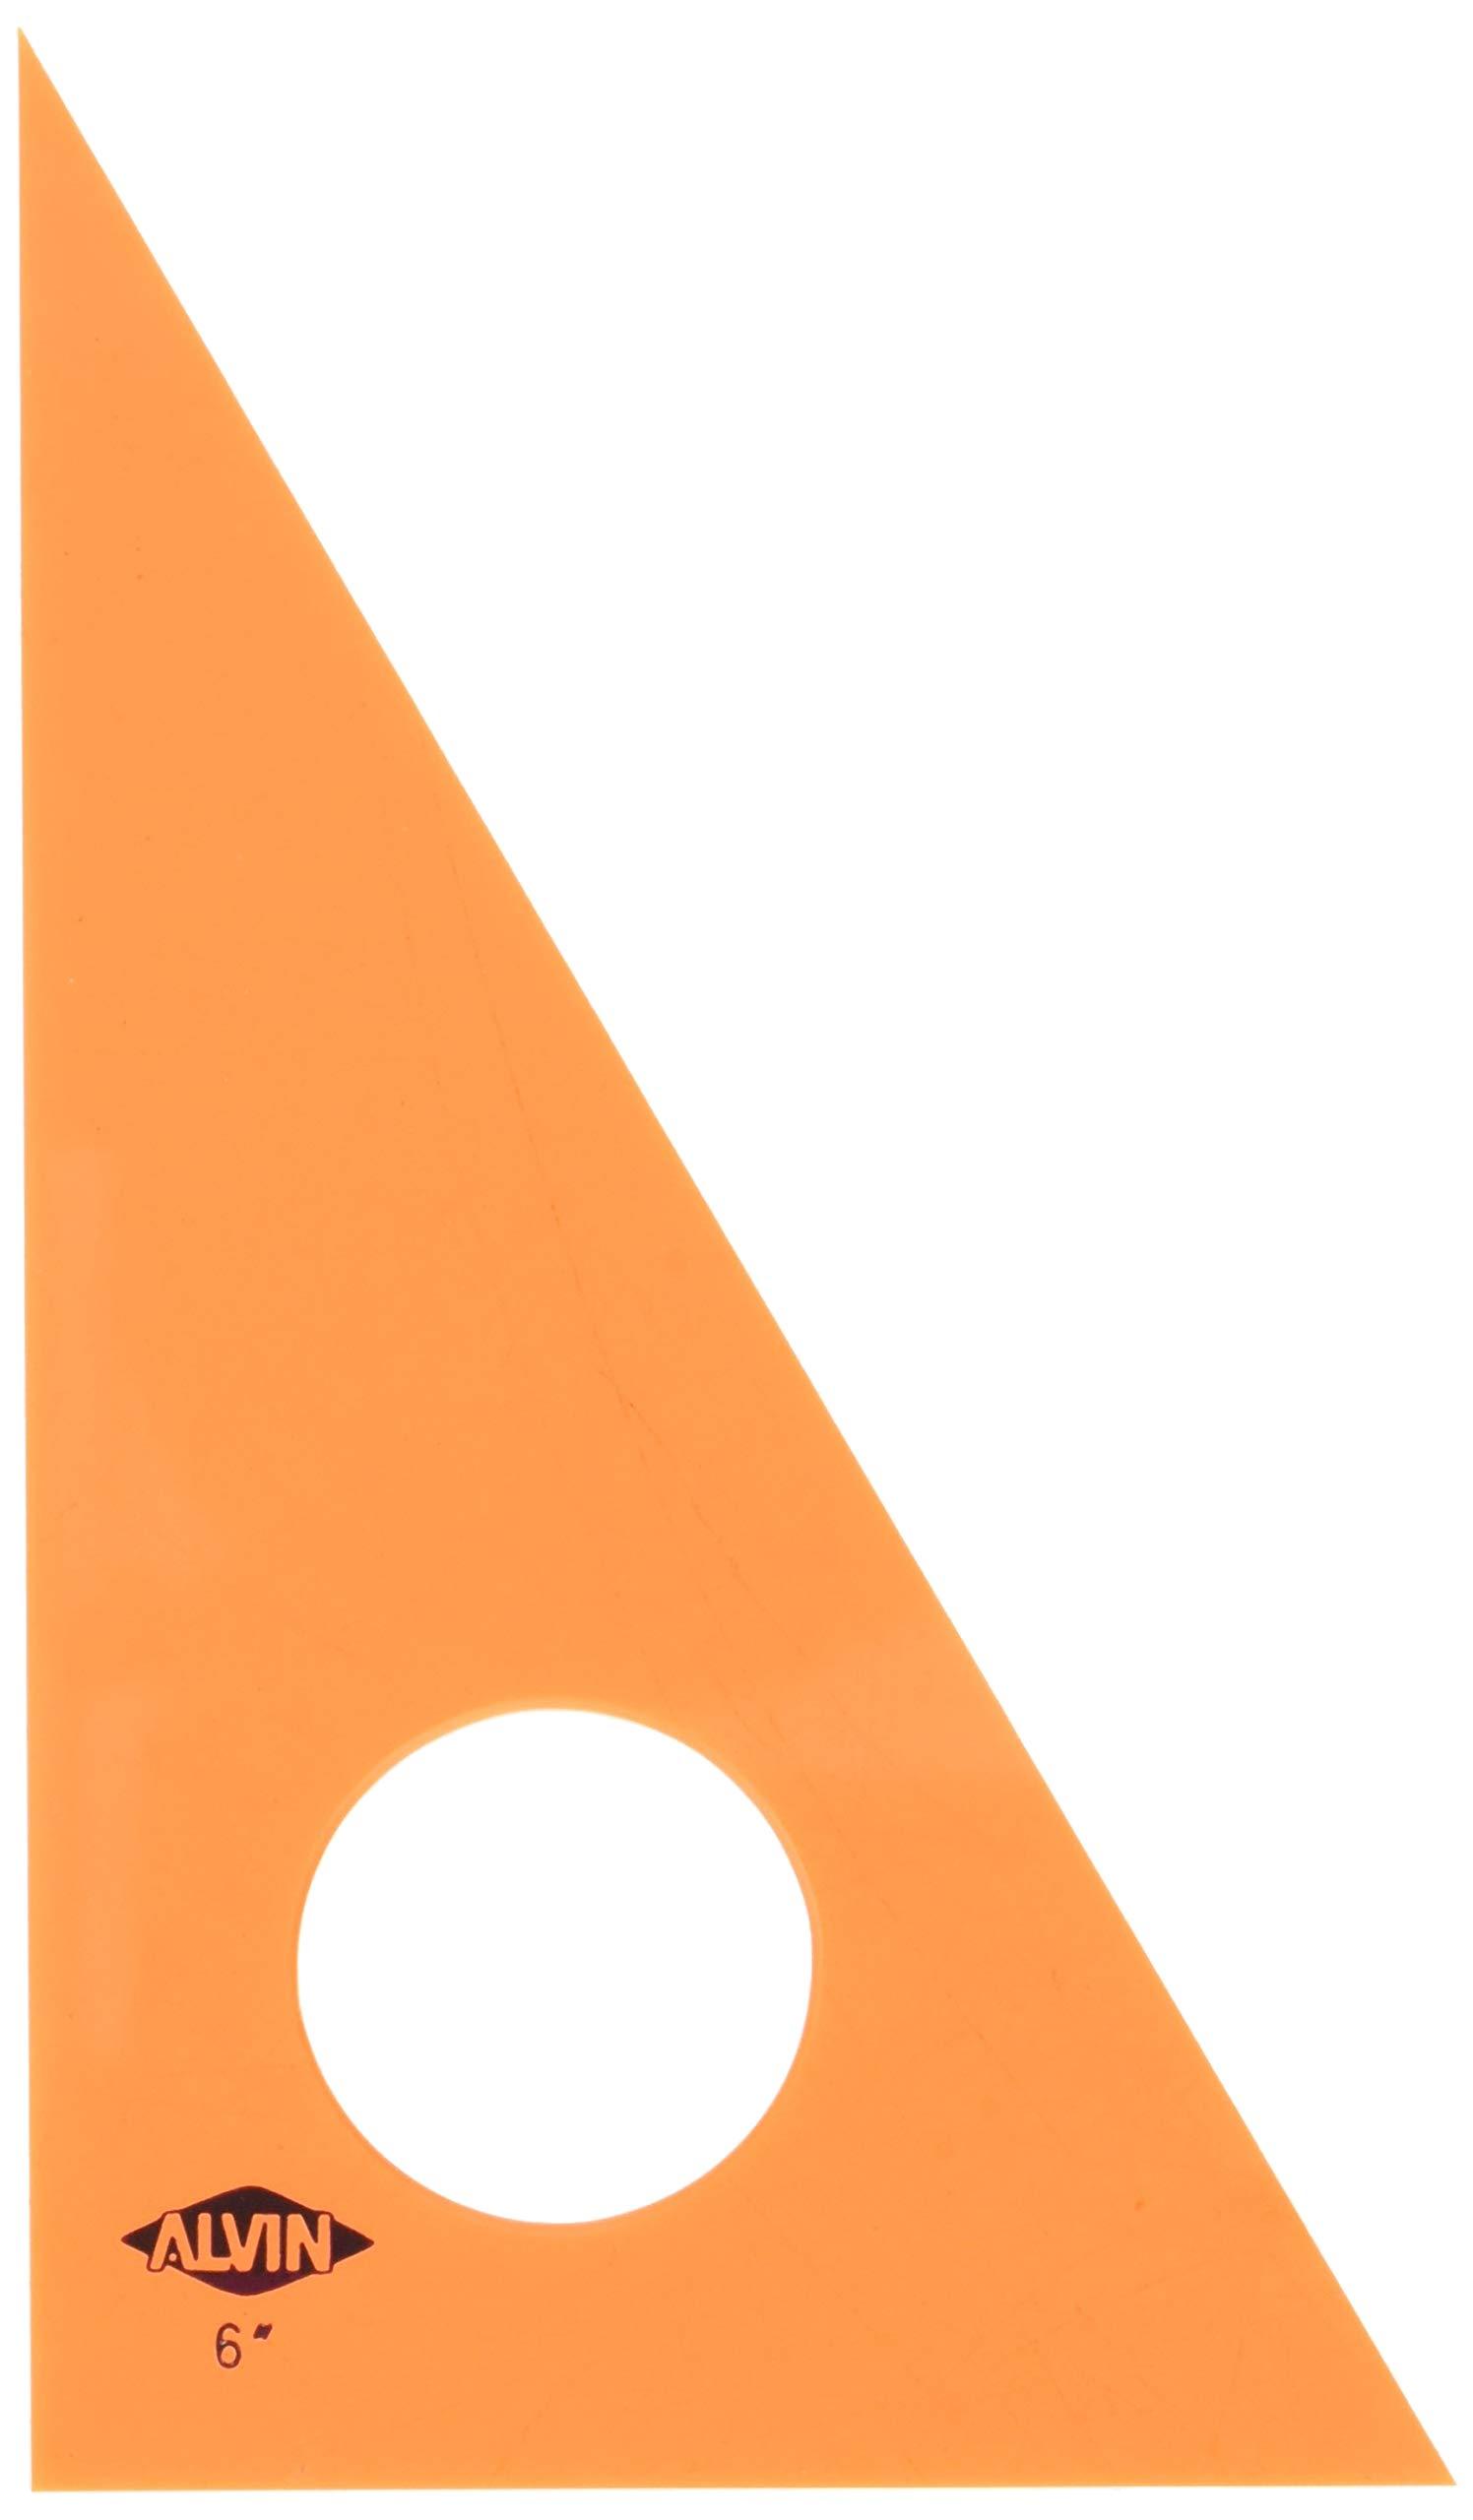 Alvin 130F-6 30-Degree/60-Degree 6'' Fluorescent Professional Acrylic Triangle by Alvin